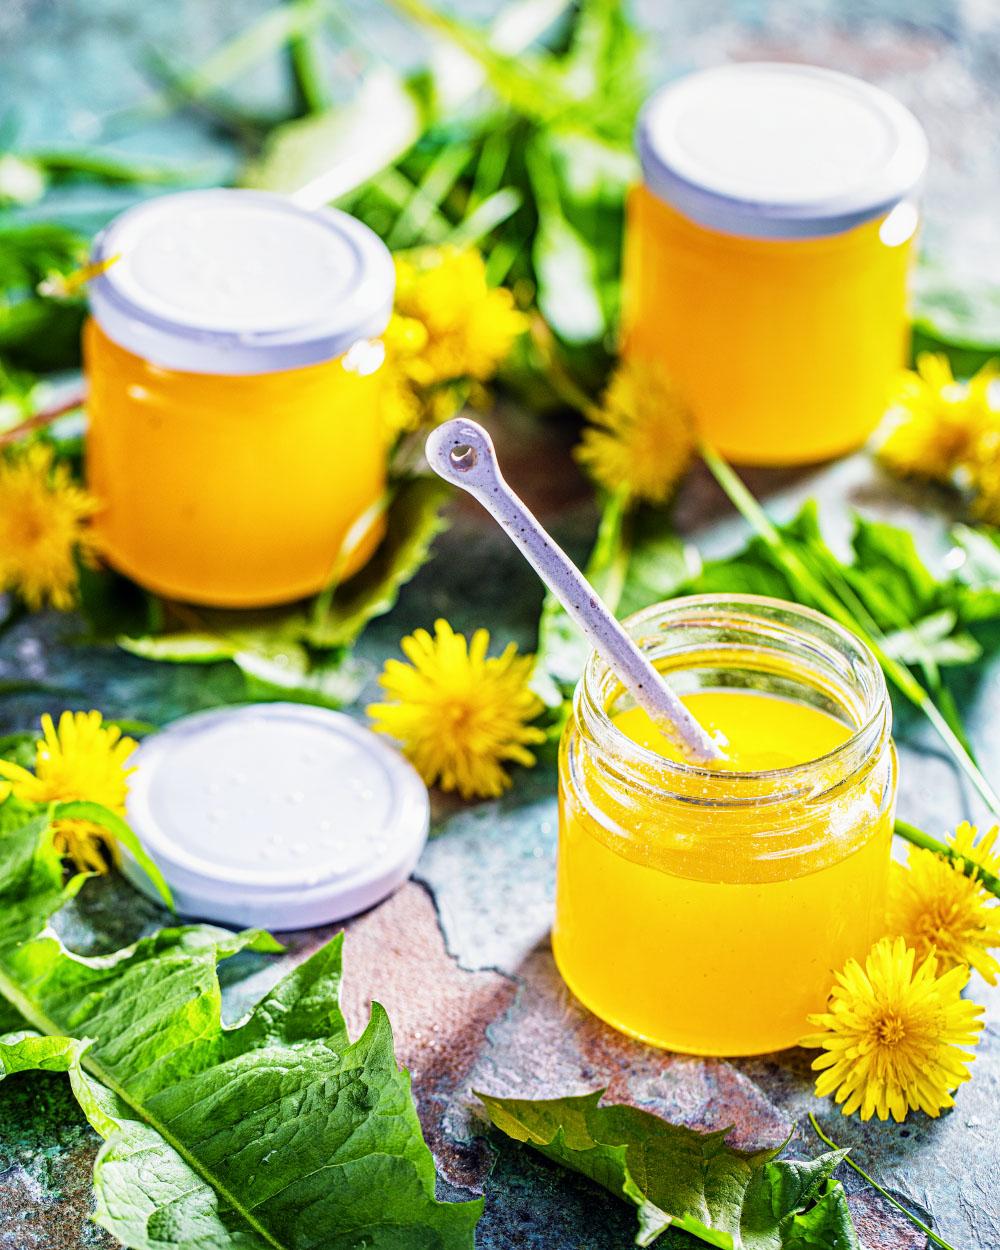 Löwenzahnblüten gelee marmelade einfaches rezept heike herden orange viel vitamin c